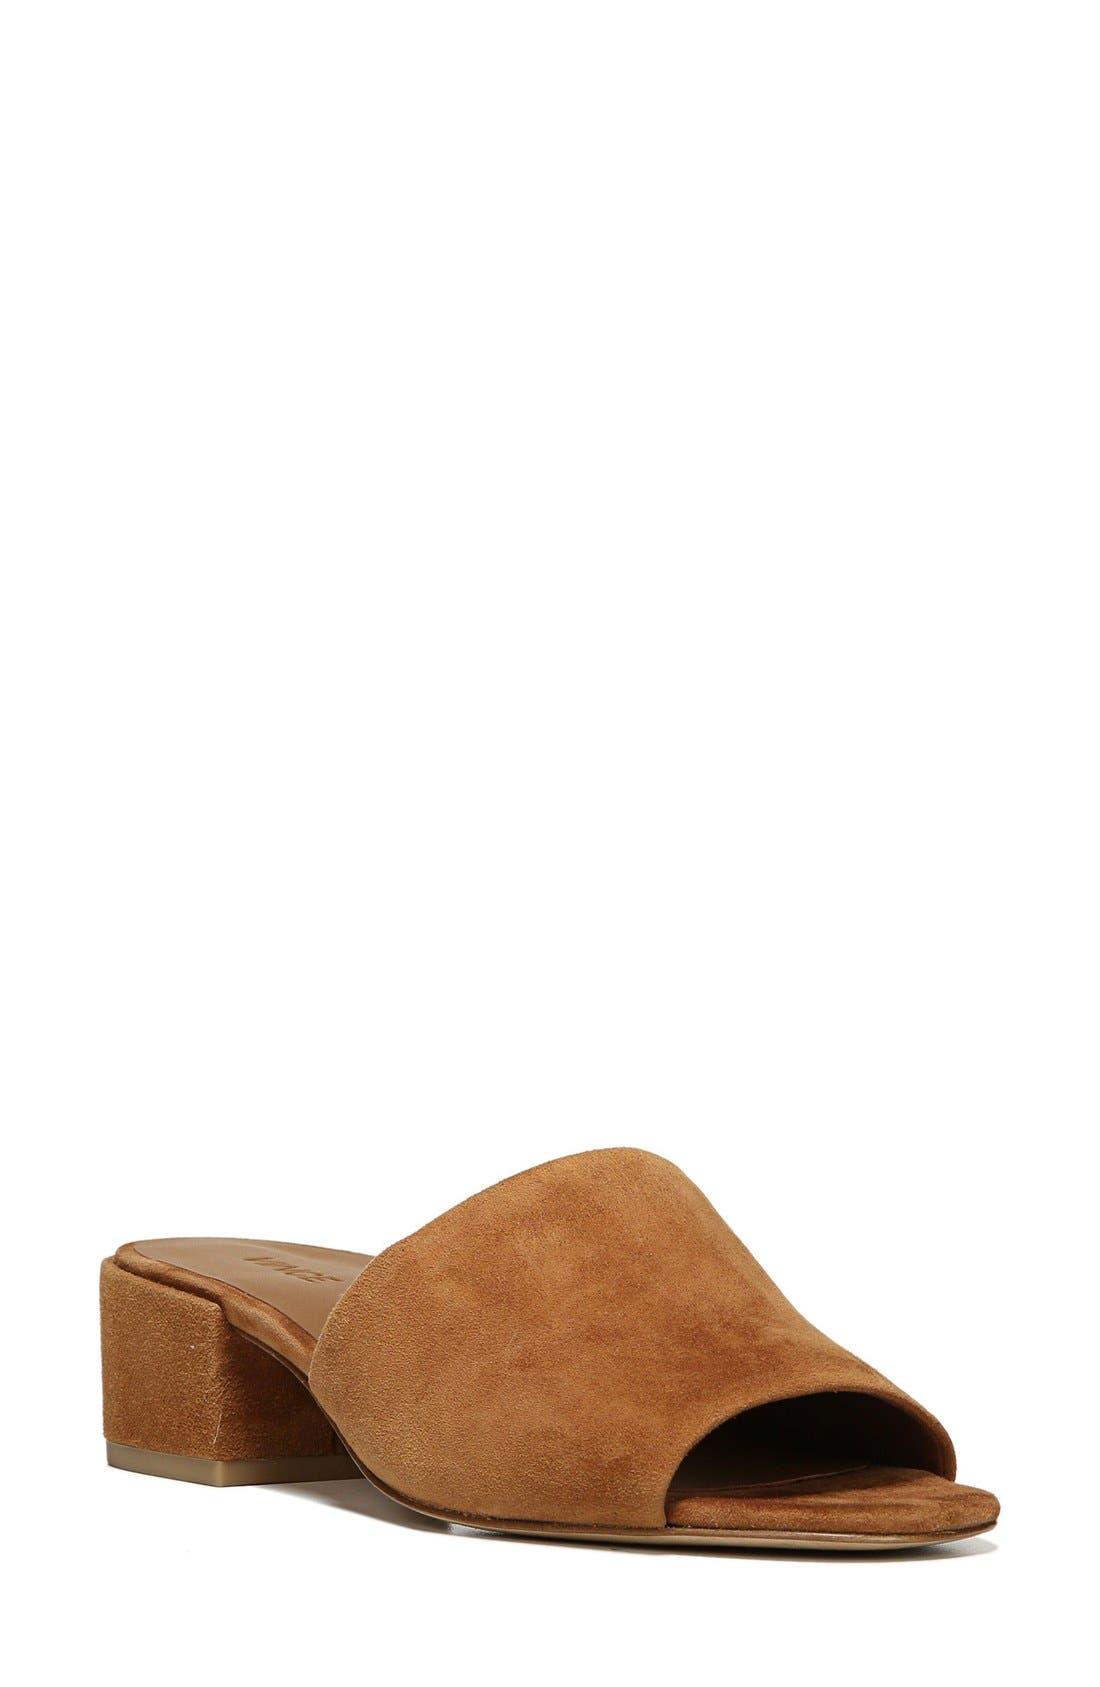 VINCE Rachelle Slide Sandal